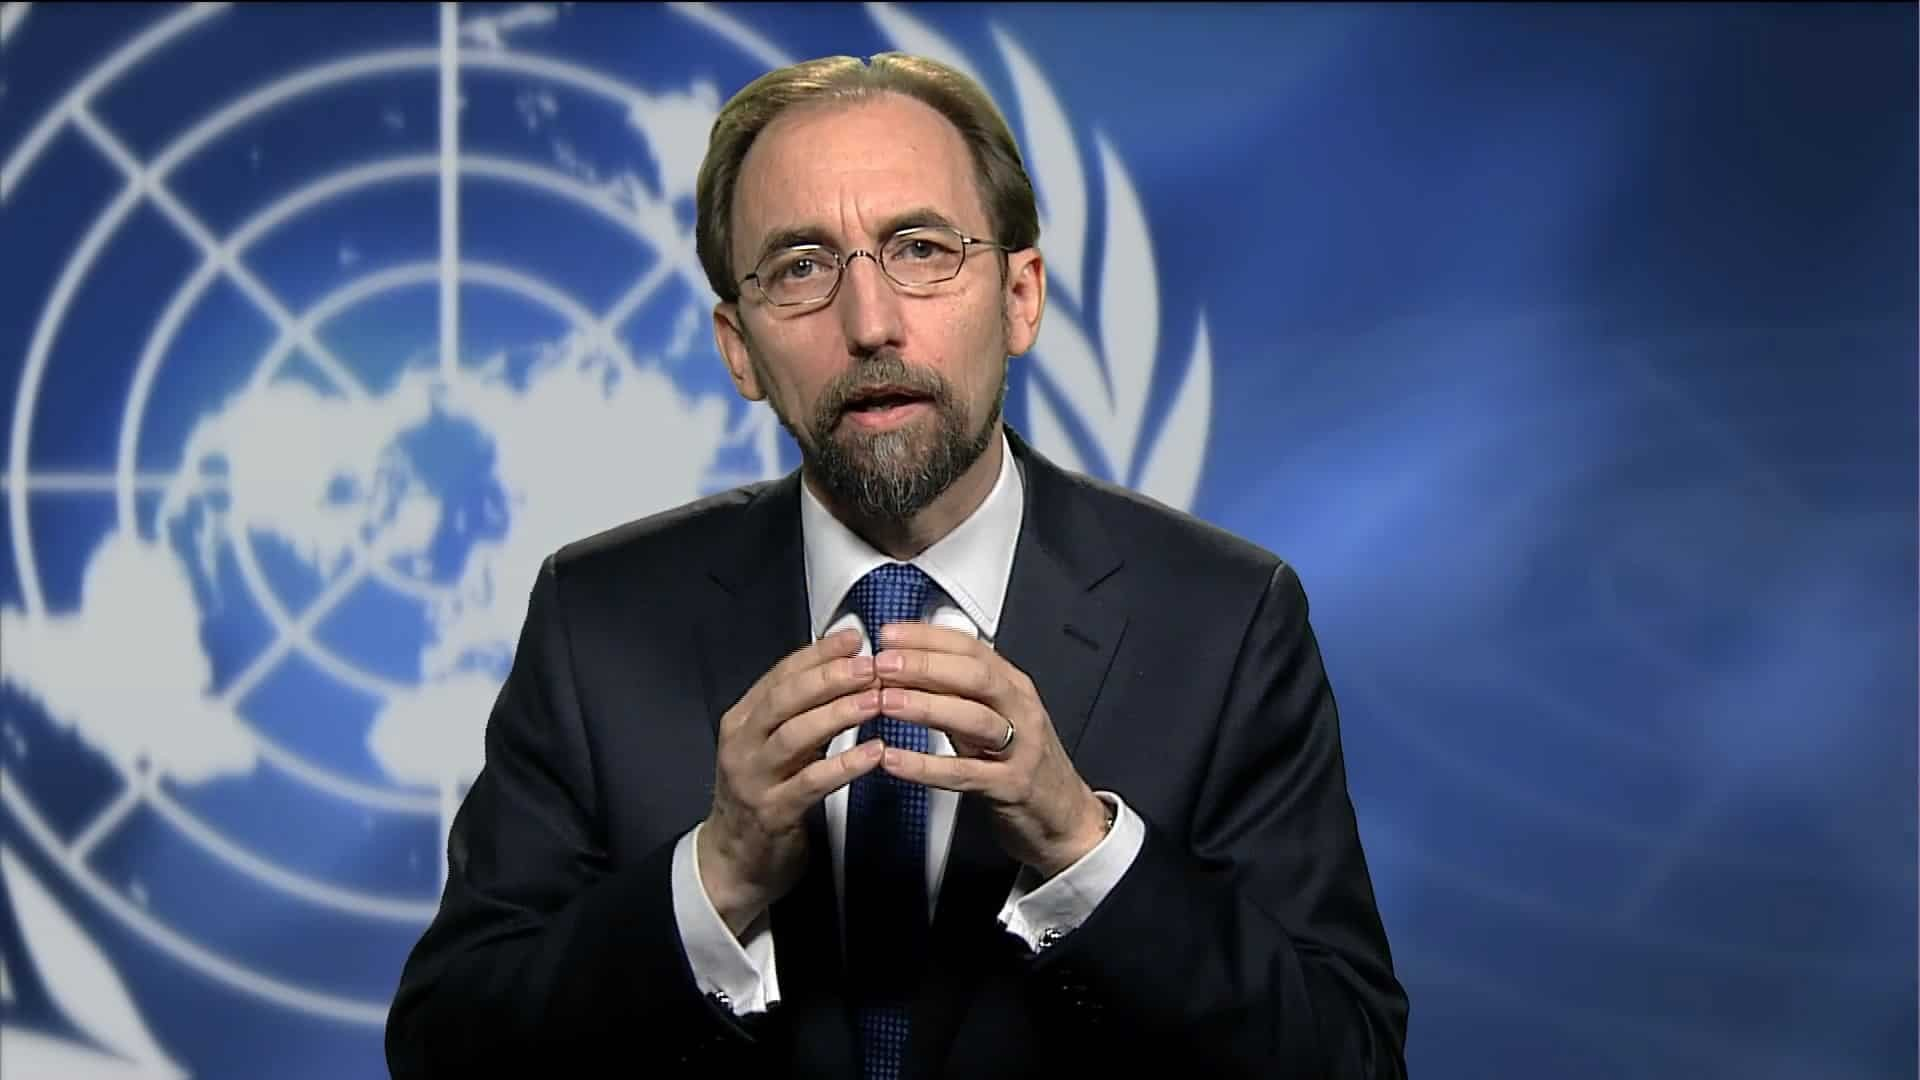 مفوض الأمم المتحدة لحقوق الإنسان زيد رعد الحسين، أرشيف